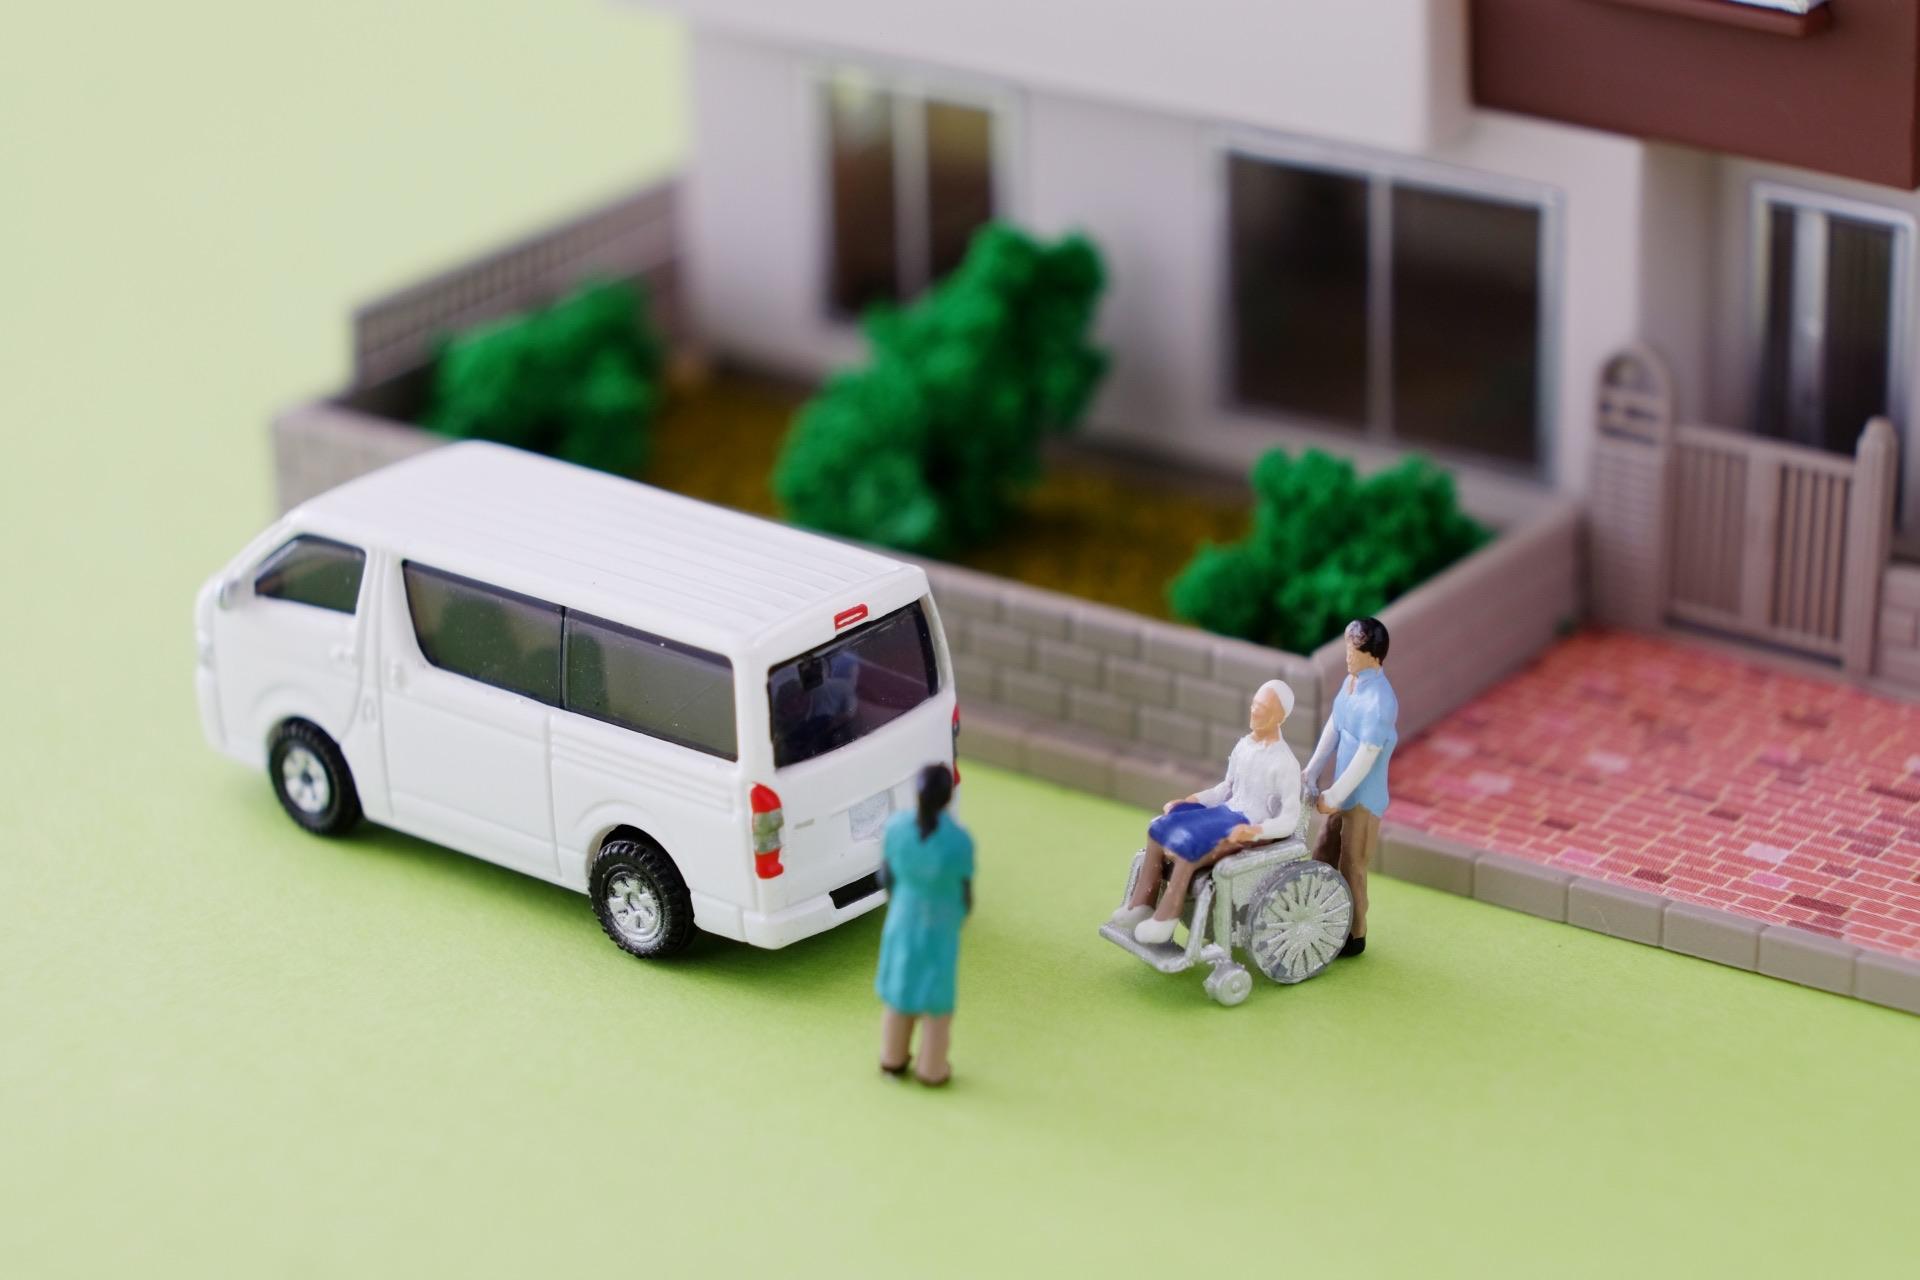 サービス付き高齢者住宅(サ高住)の情報公開が介護施設並みに